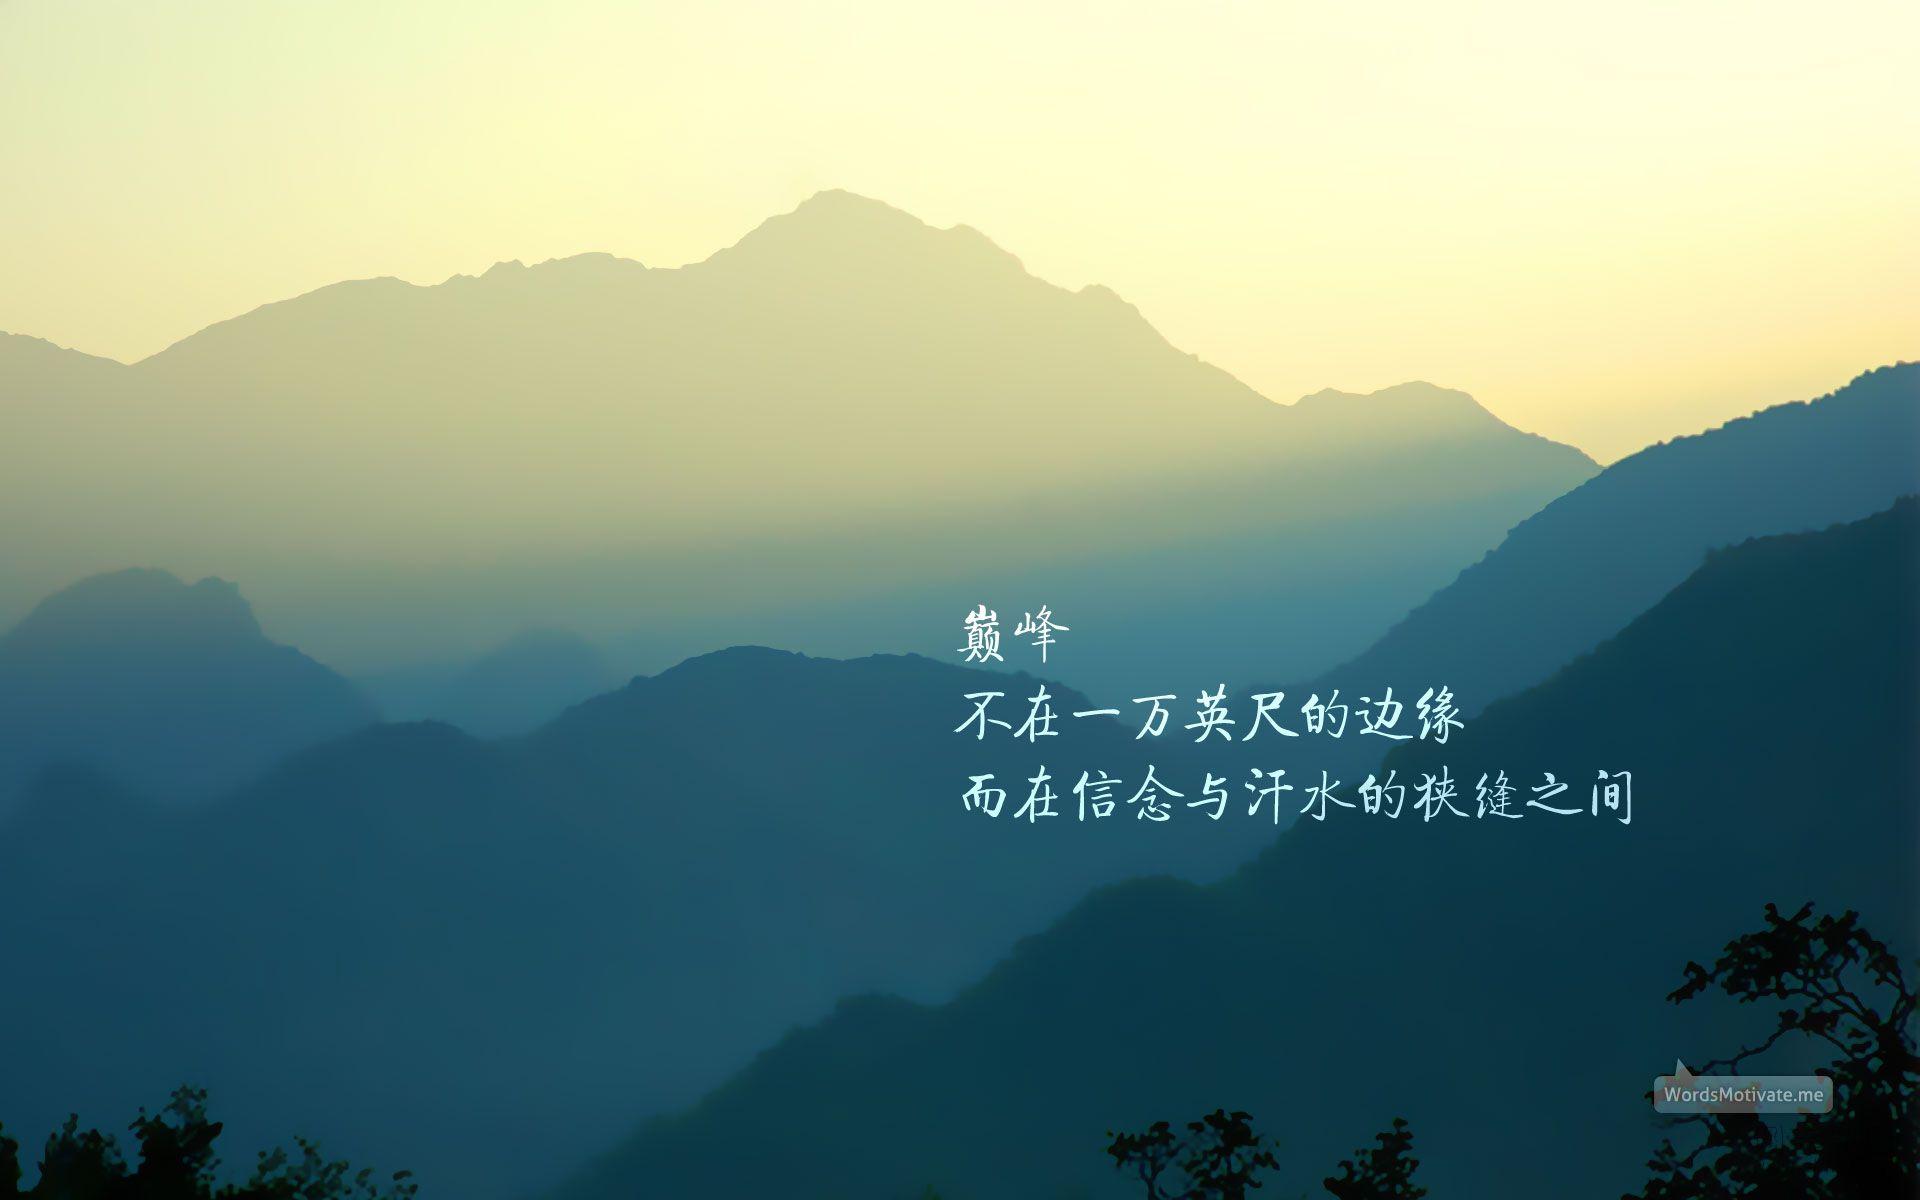 励志壁纸精选 (22).jpg